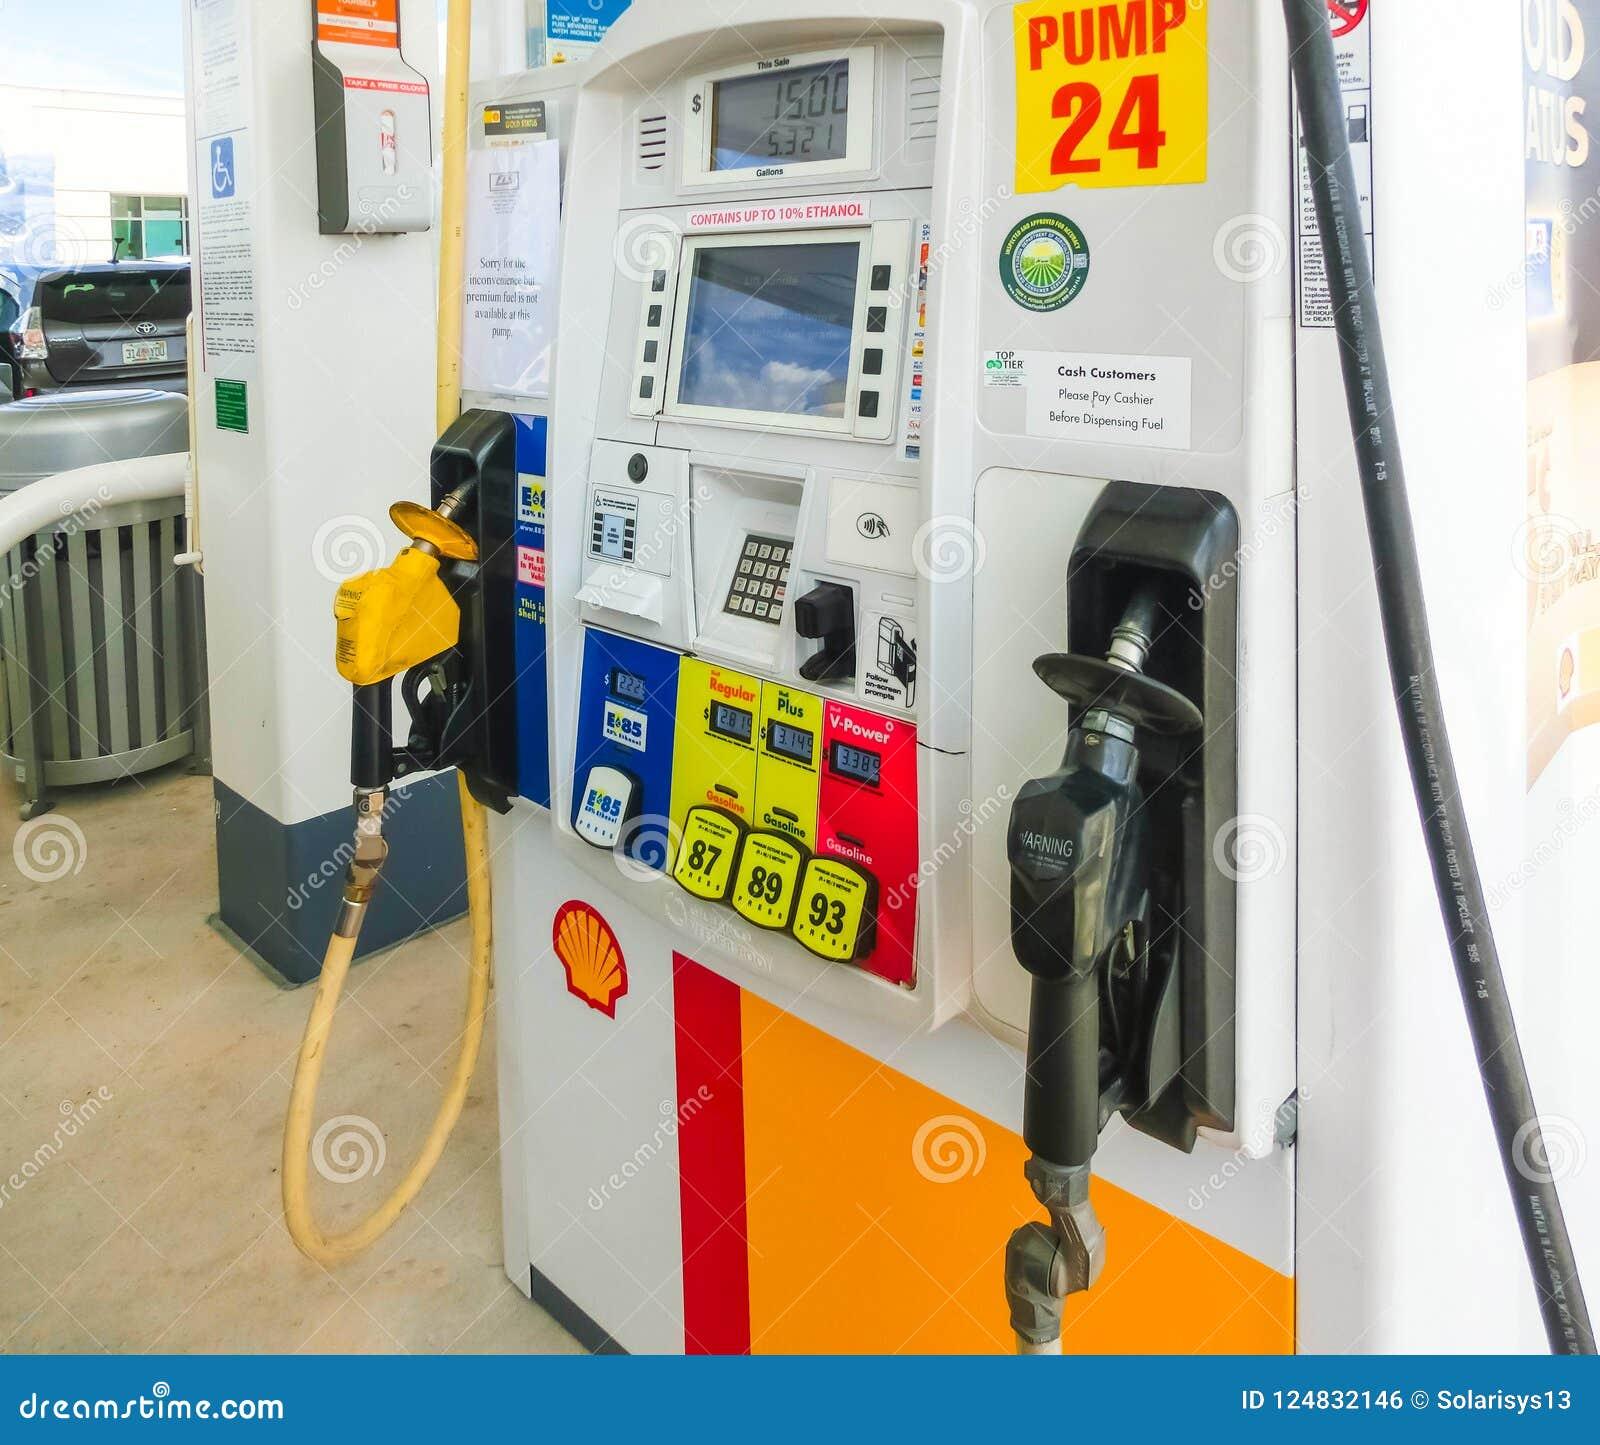 Orlando, USA - May 8, 2018: Filling nozzles at a Shell gas station.